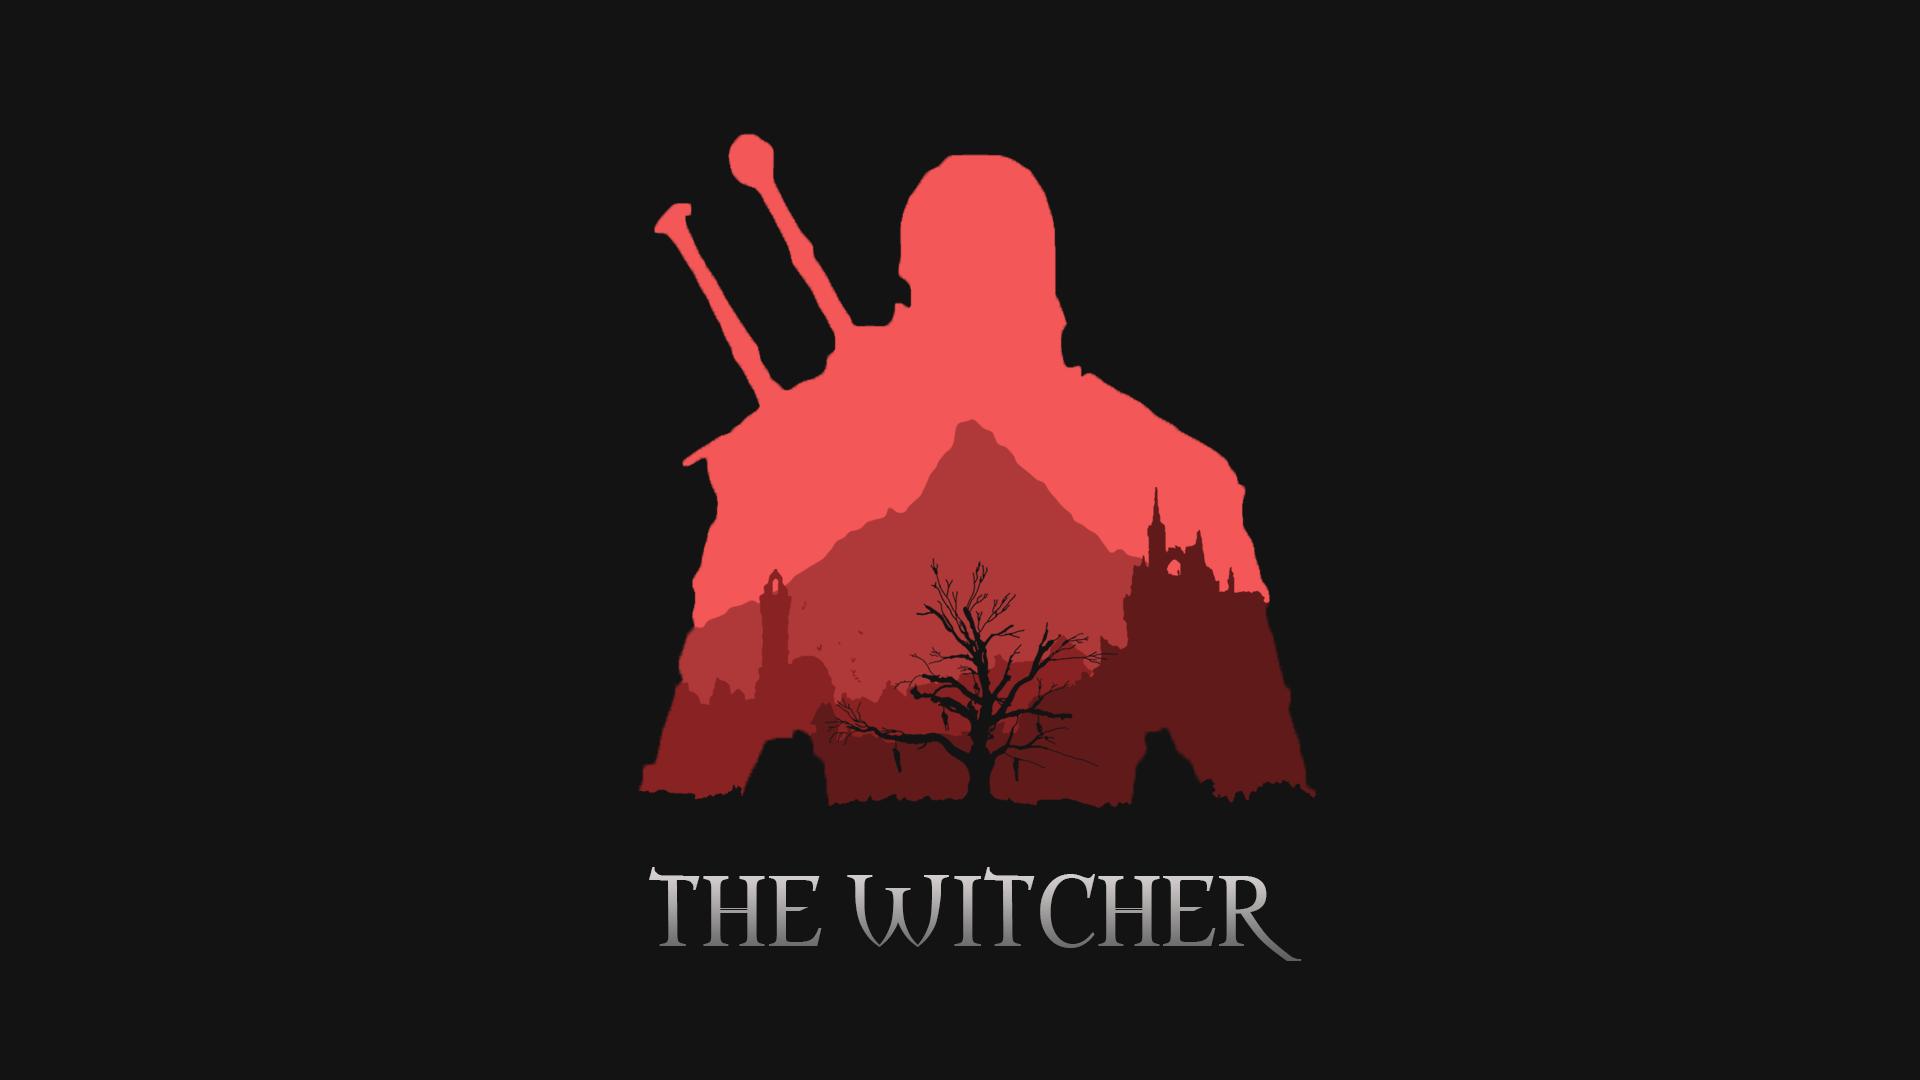 Minimalist Witcher Wallpaper (1080p) witcher Witcher